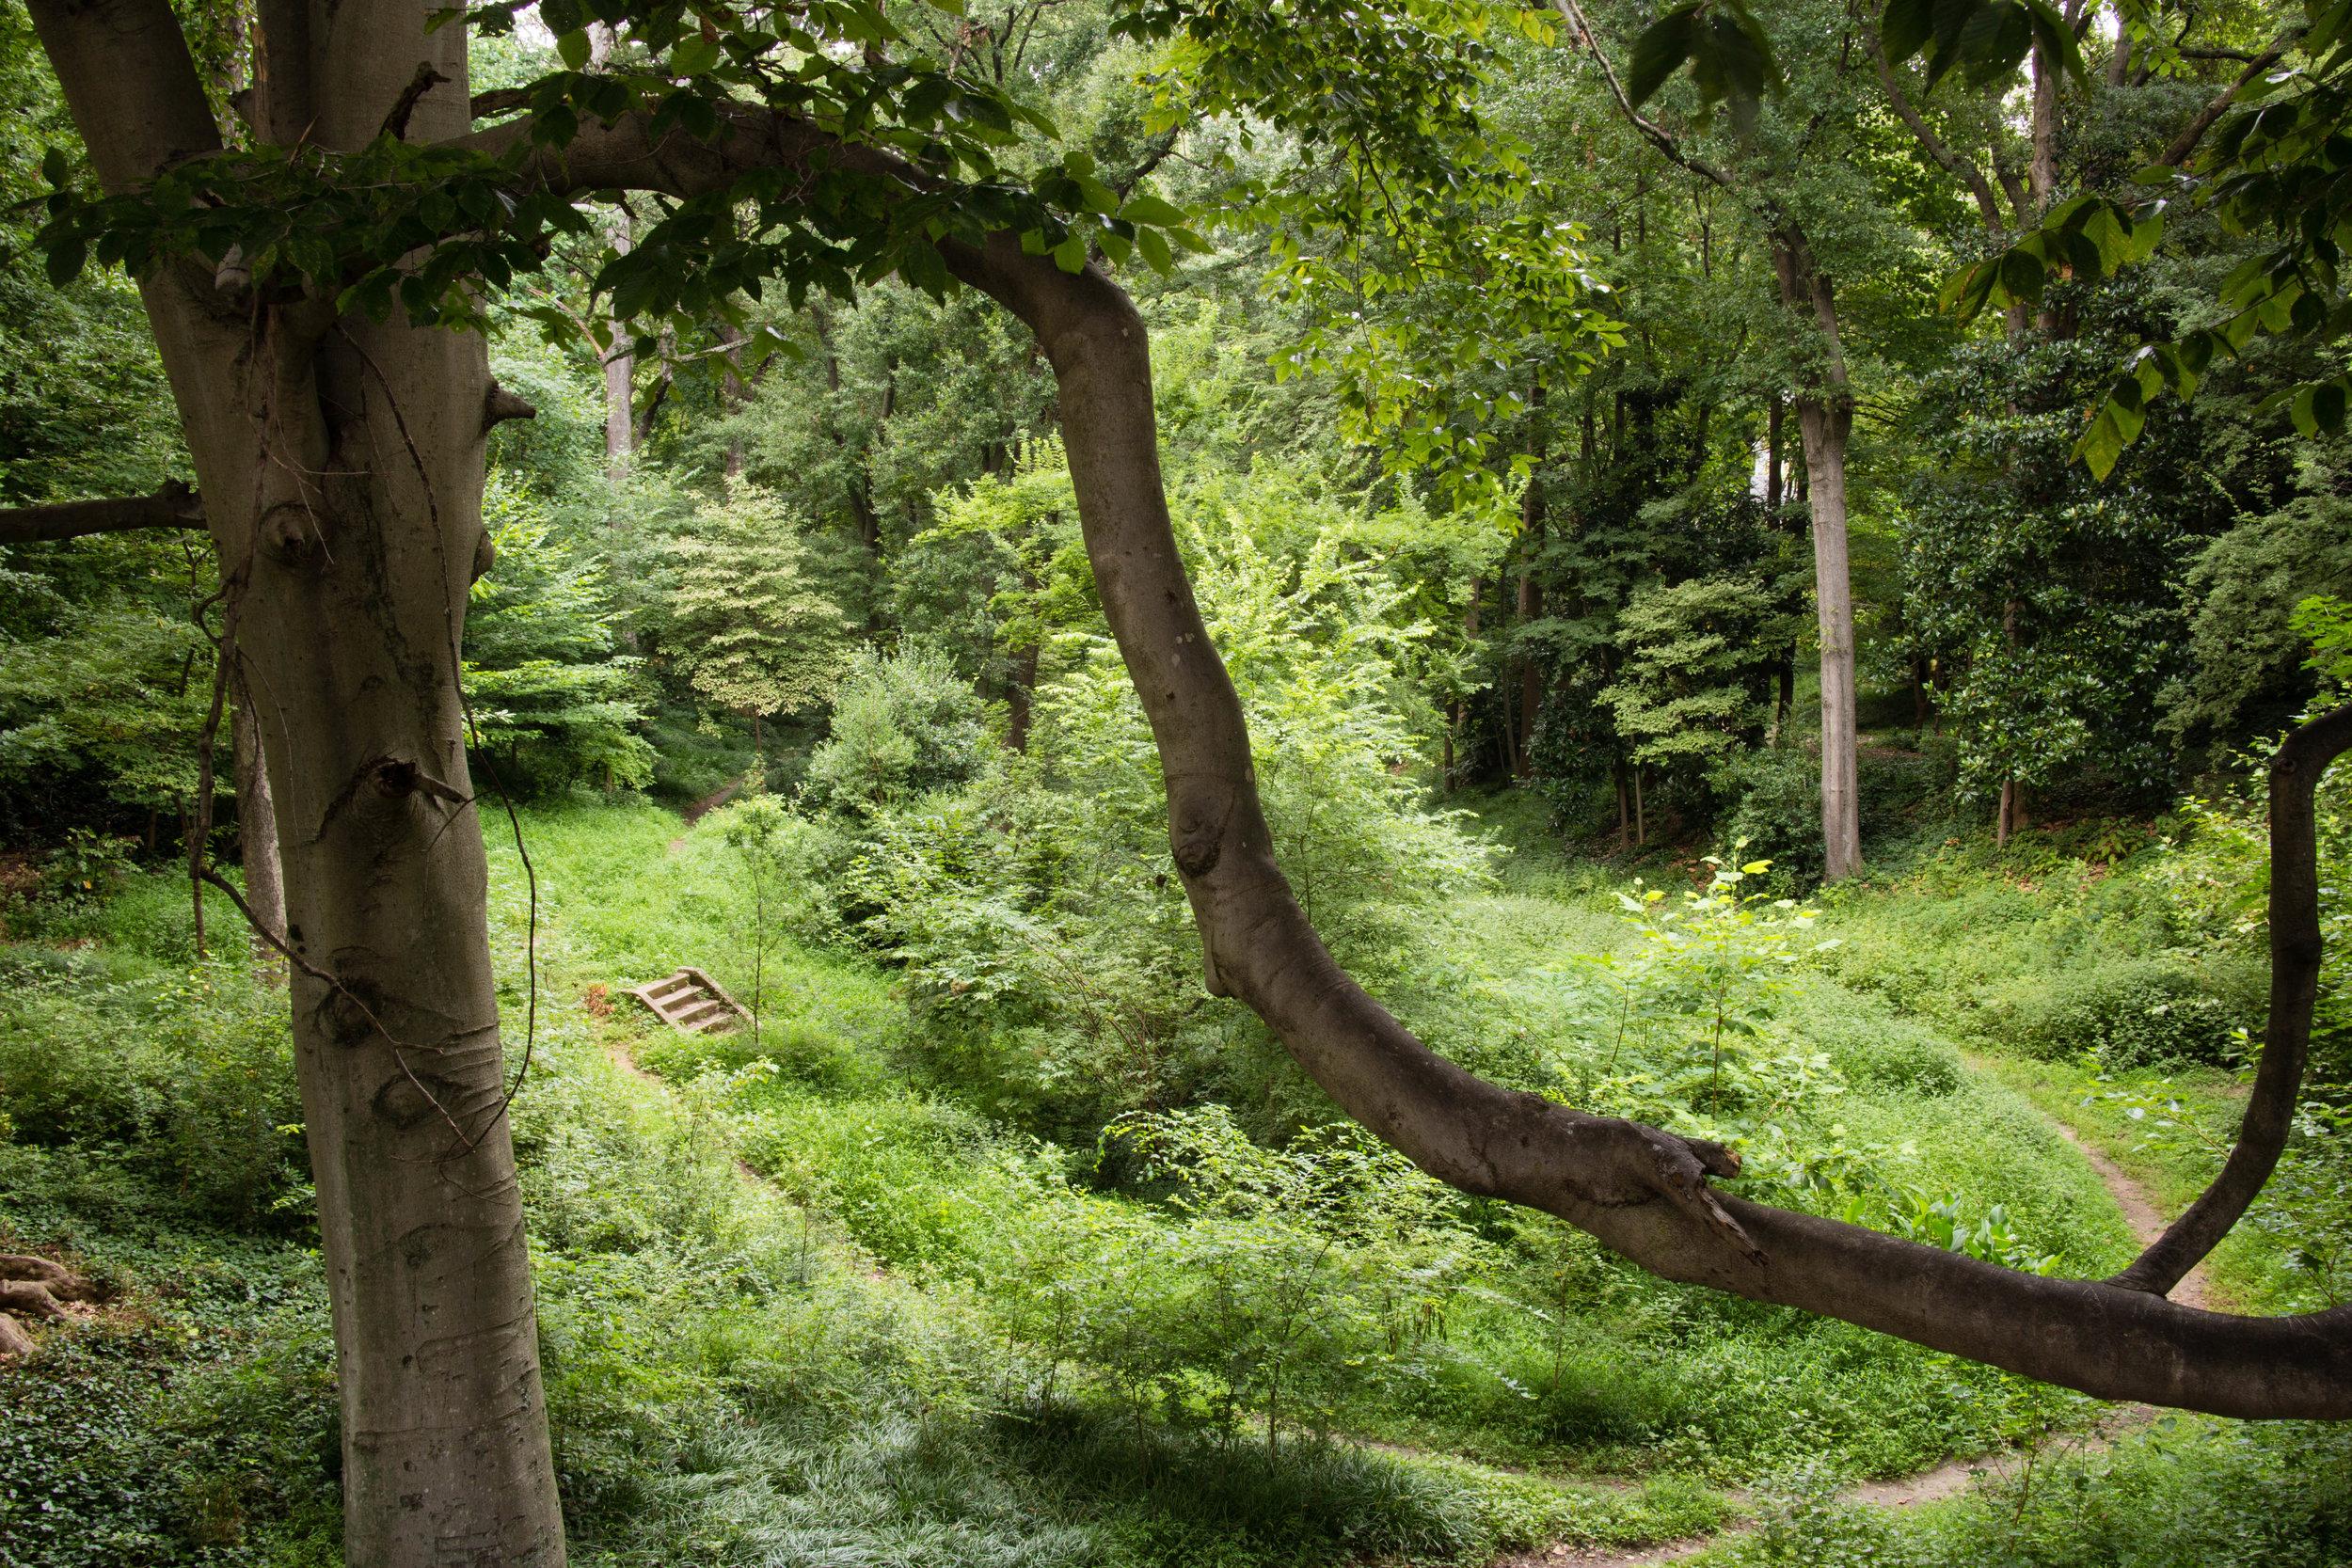 springvale-park_14626446027_o.jpg